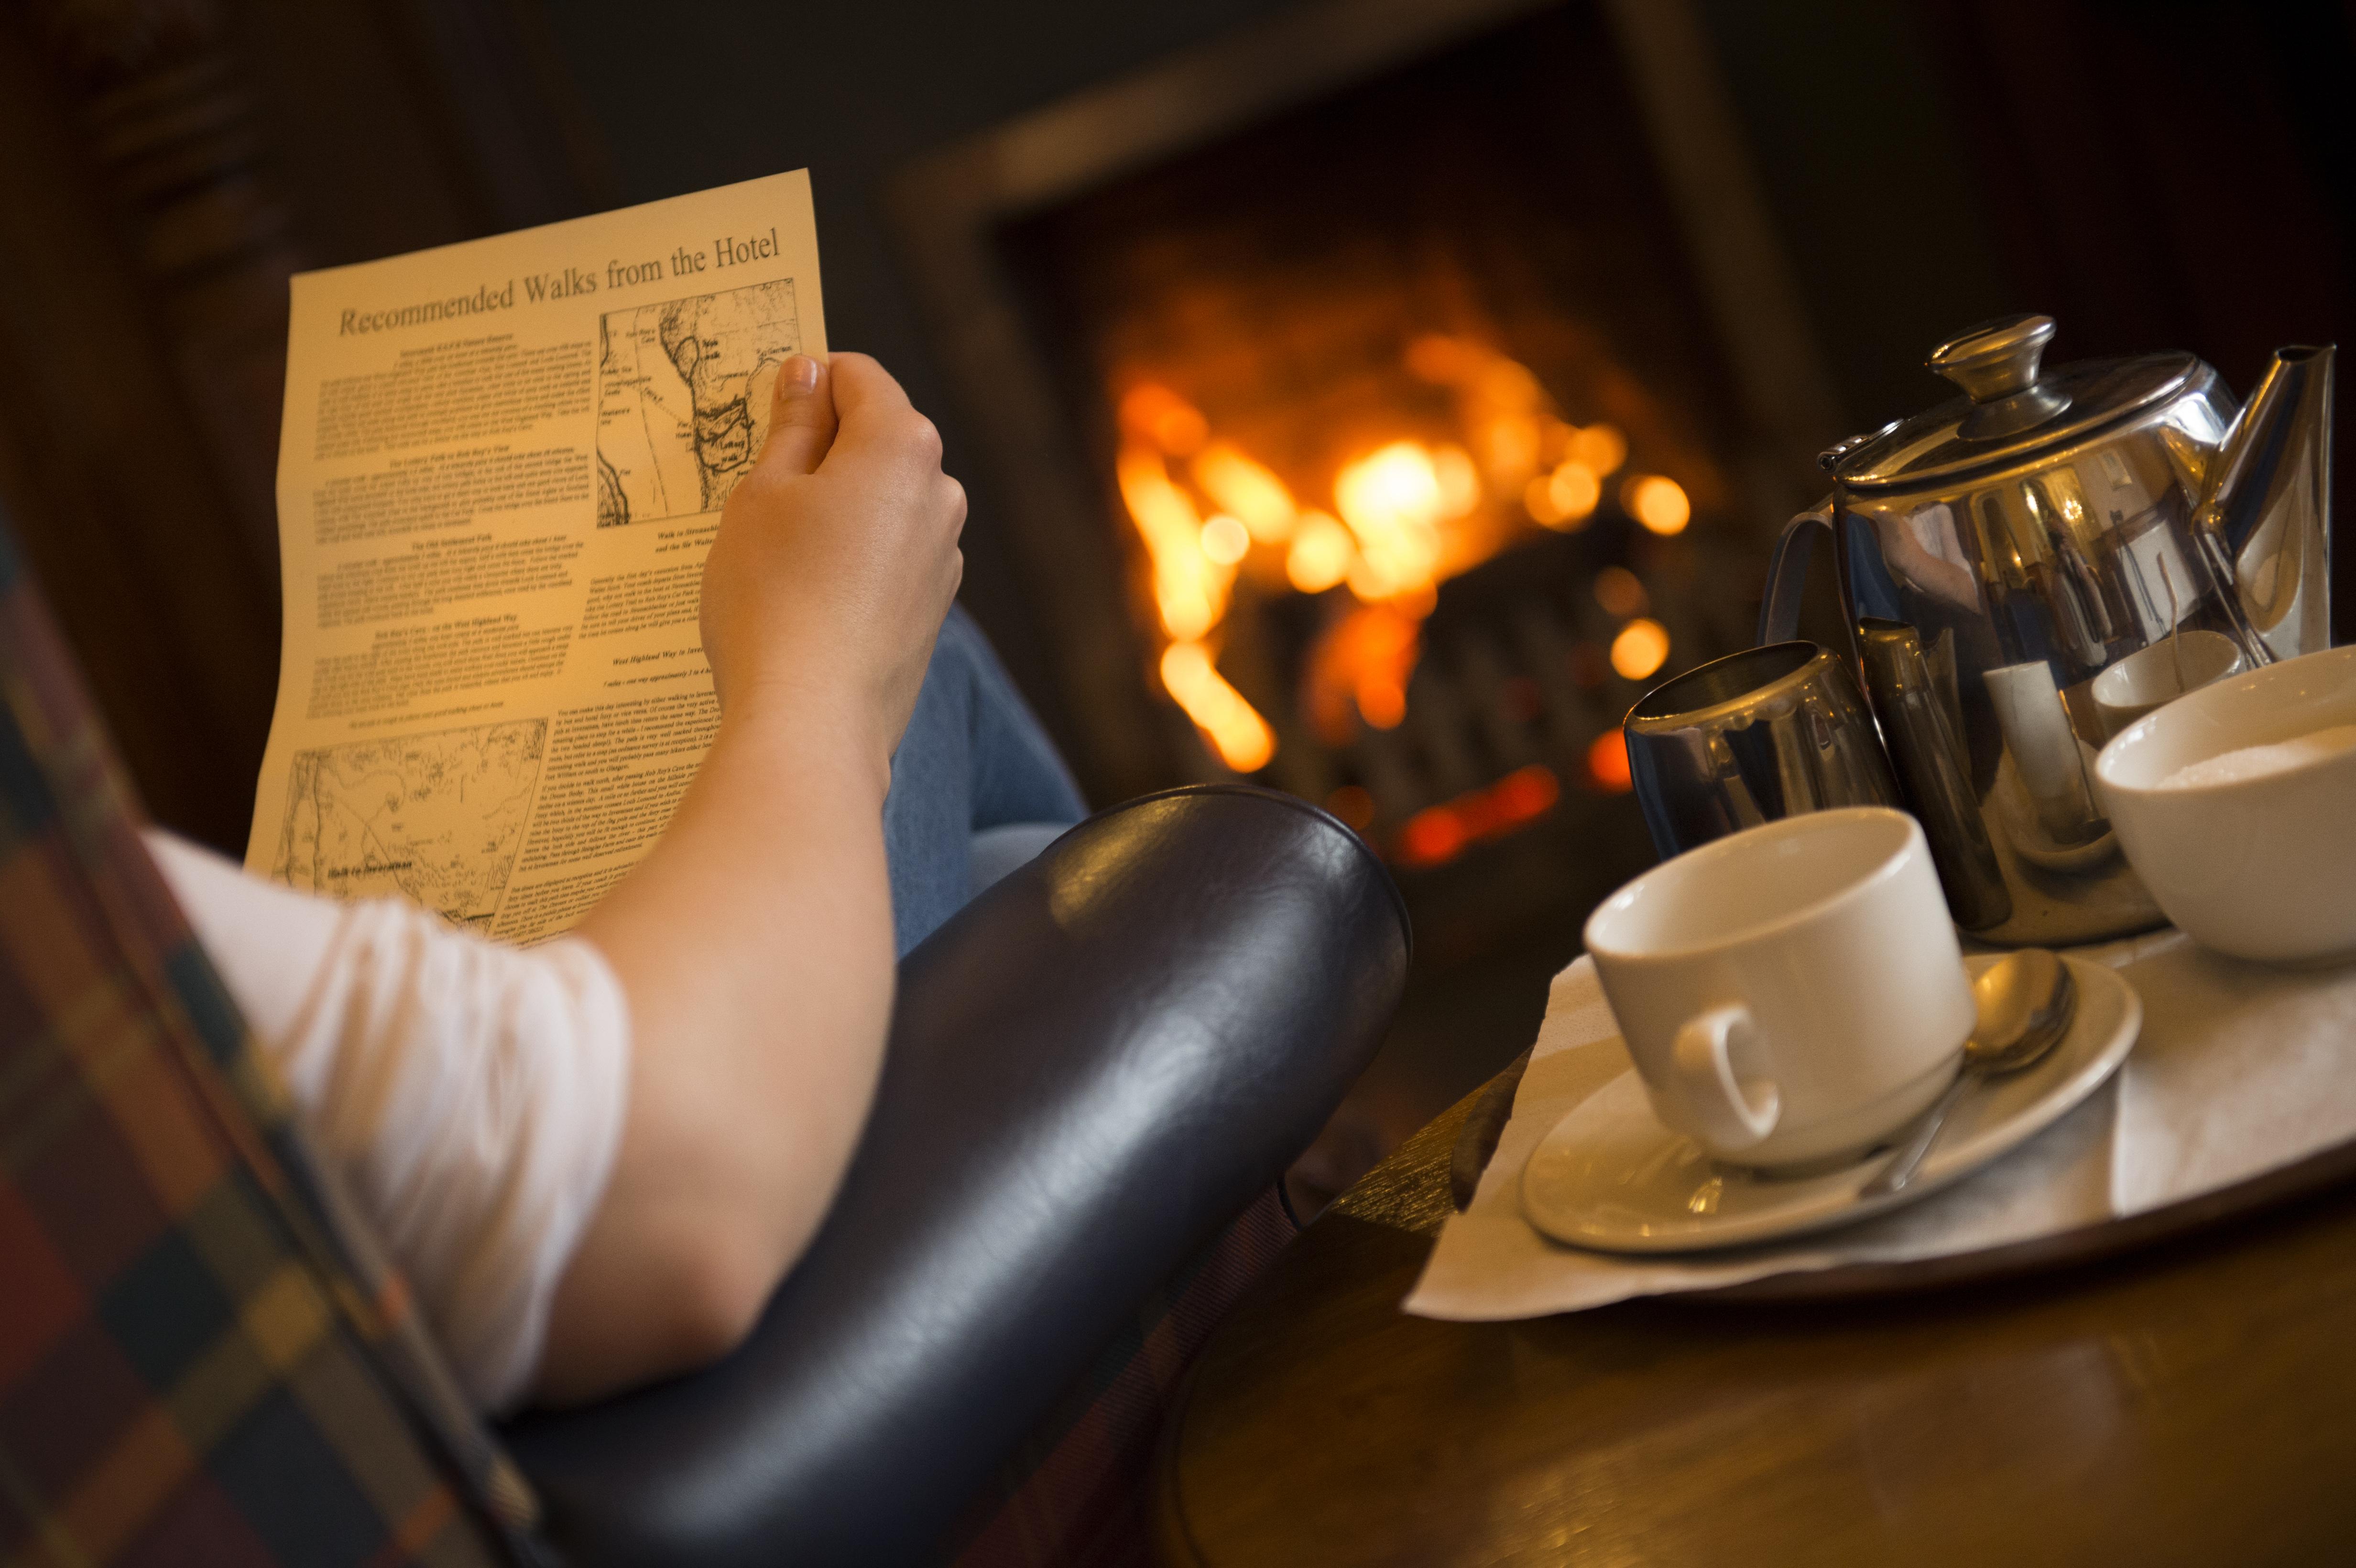 Fireside reading